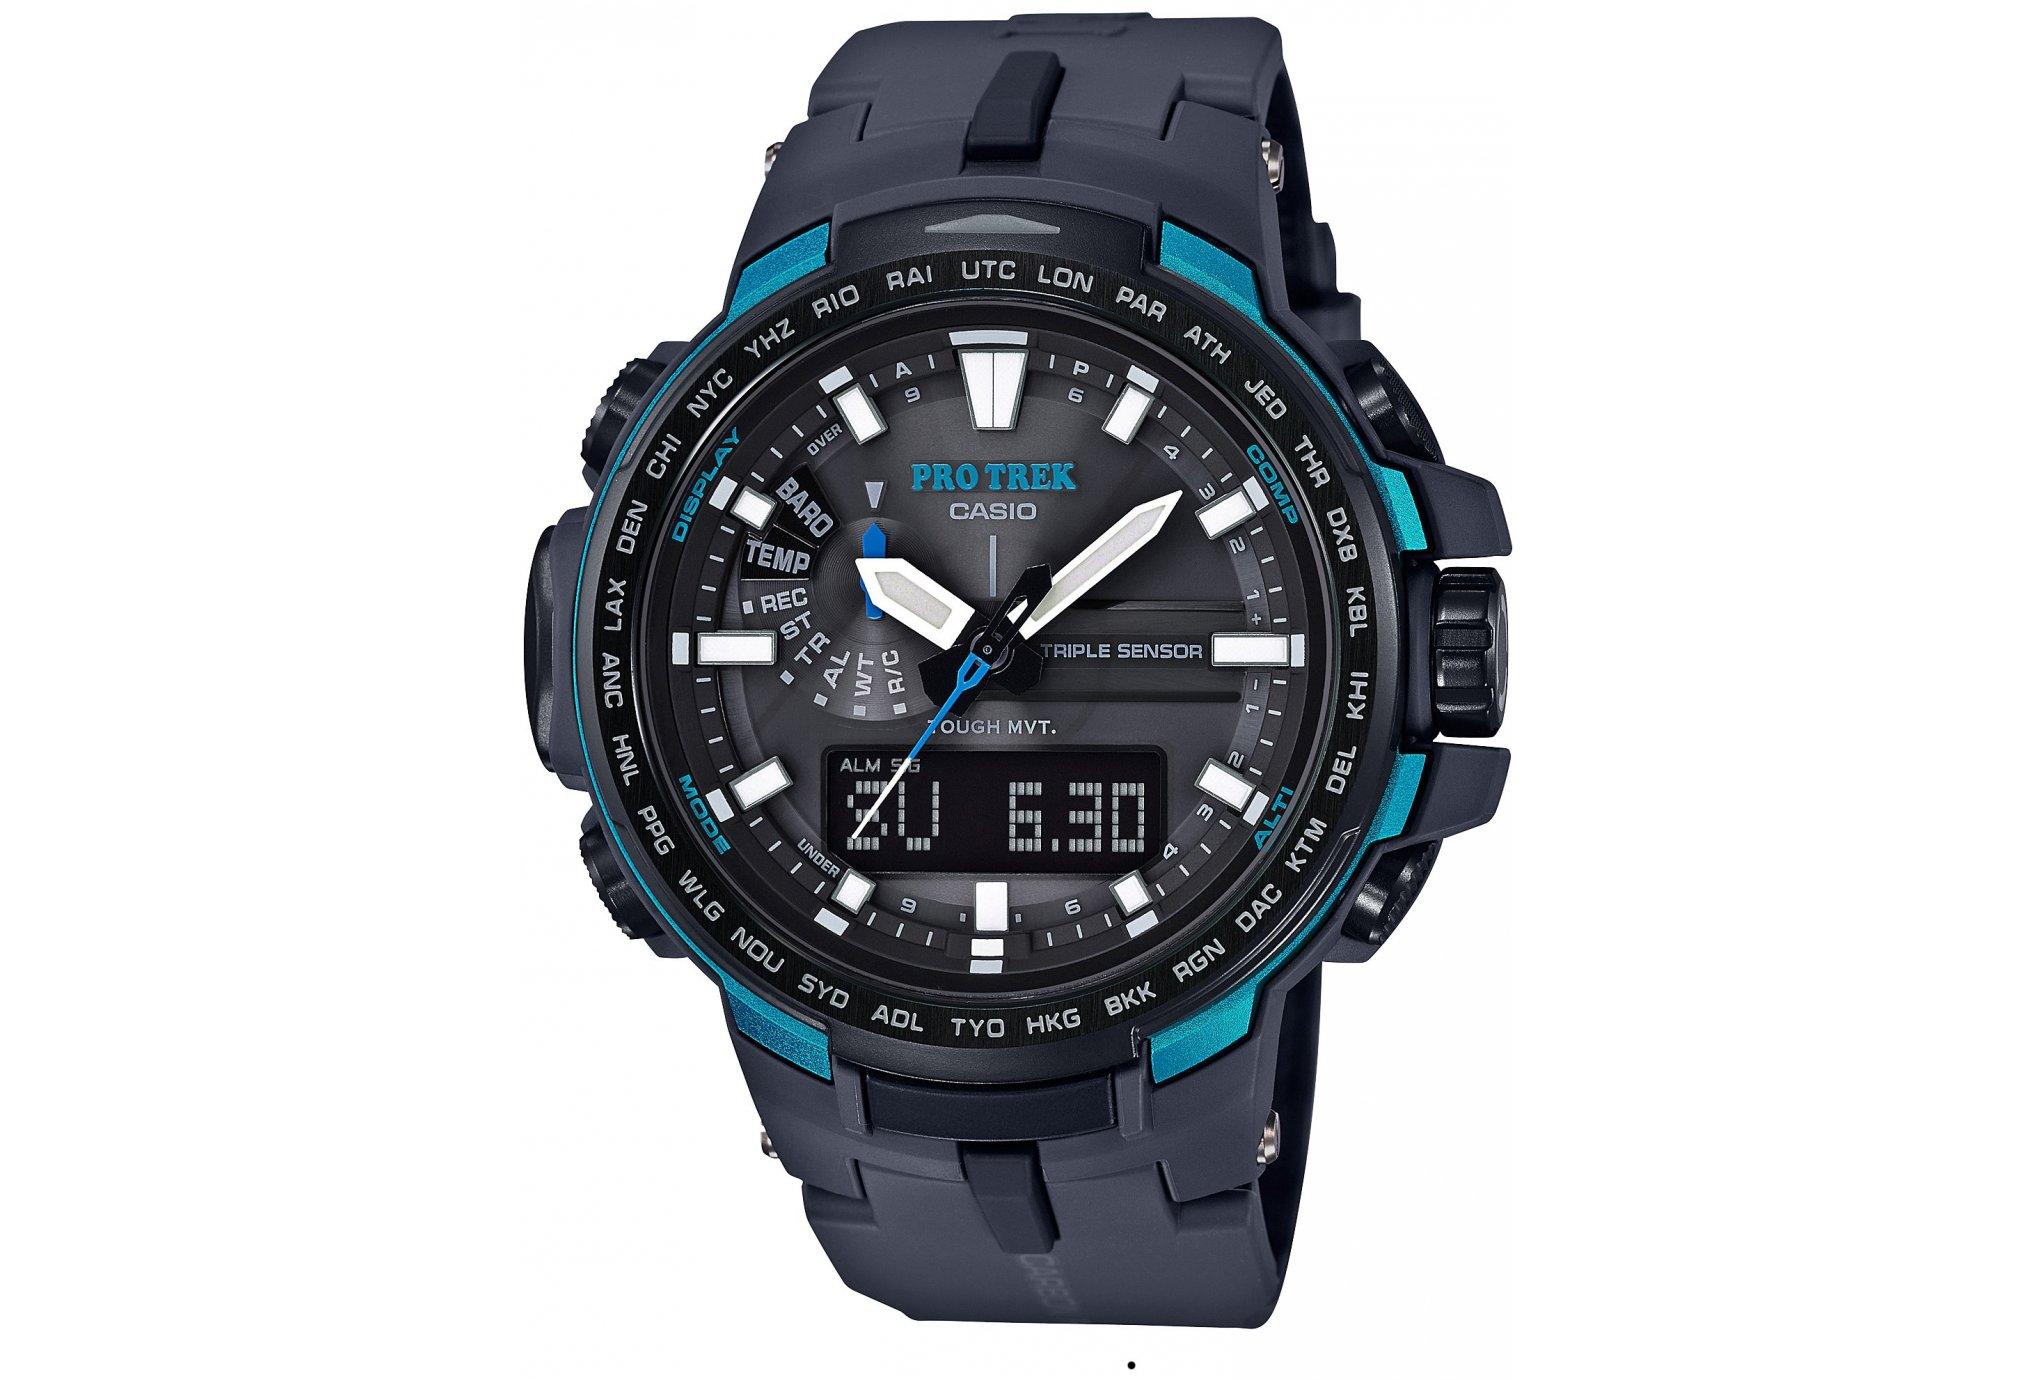 Casio Prw-6100y montres de sport